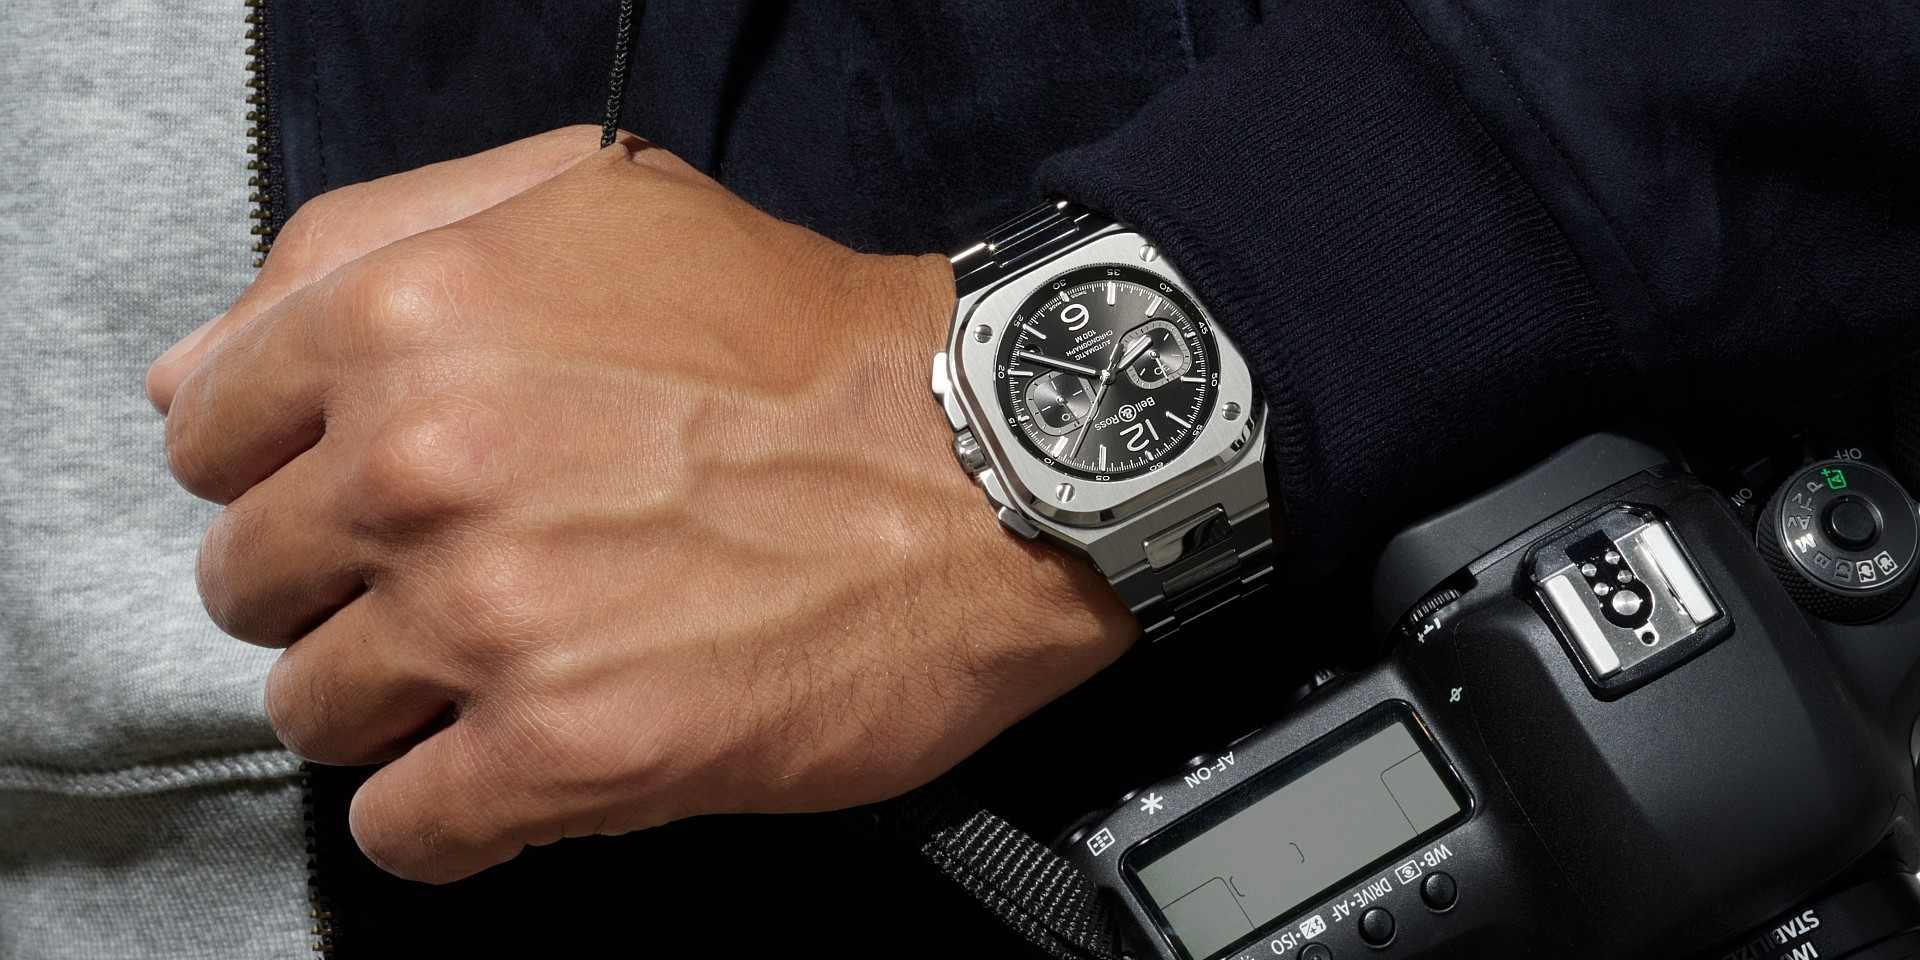 都市精英 分秒必爭:Bell & Ross BR 05 Chrono計時腕錶